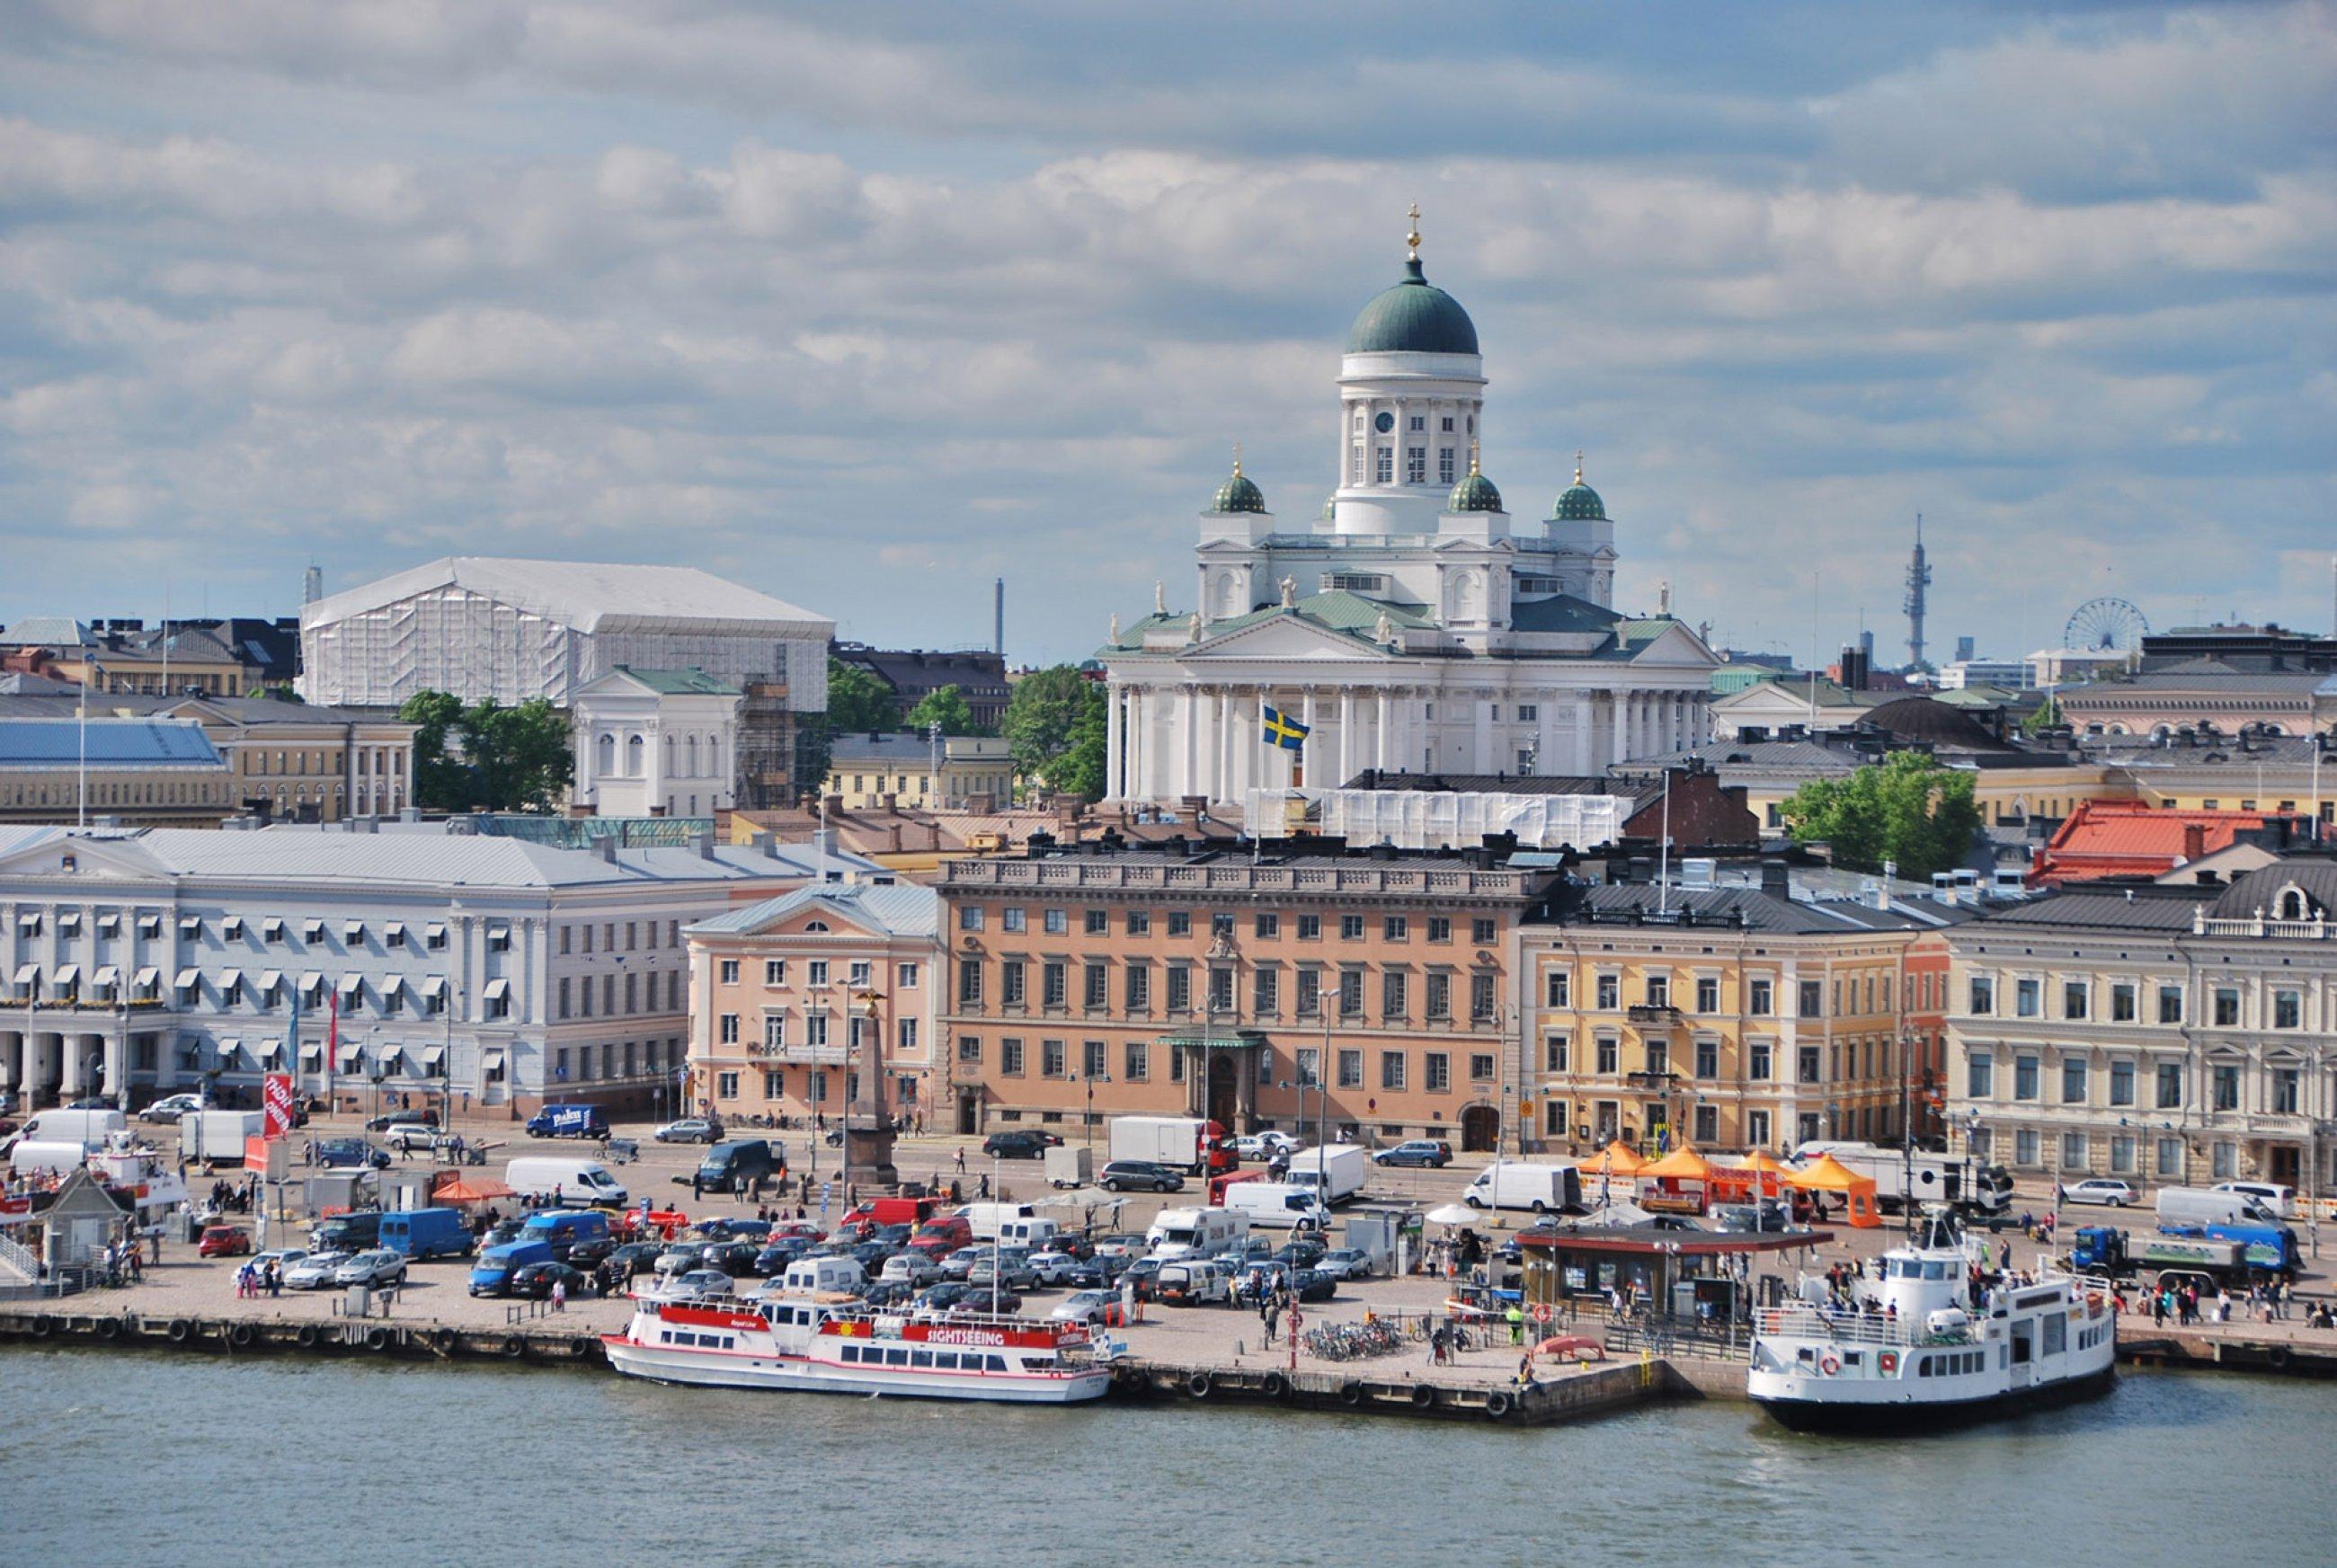 https://bubo.sk/uploads/galleries/5045/finsko-helsinki-mirka-sulka-2014-14-.jpg